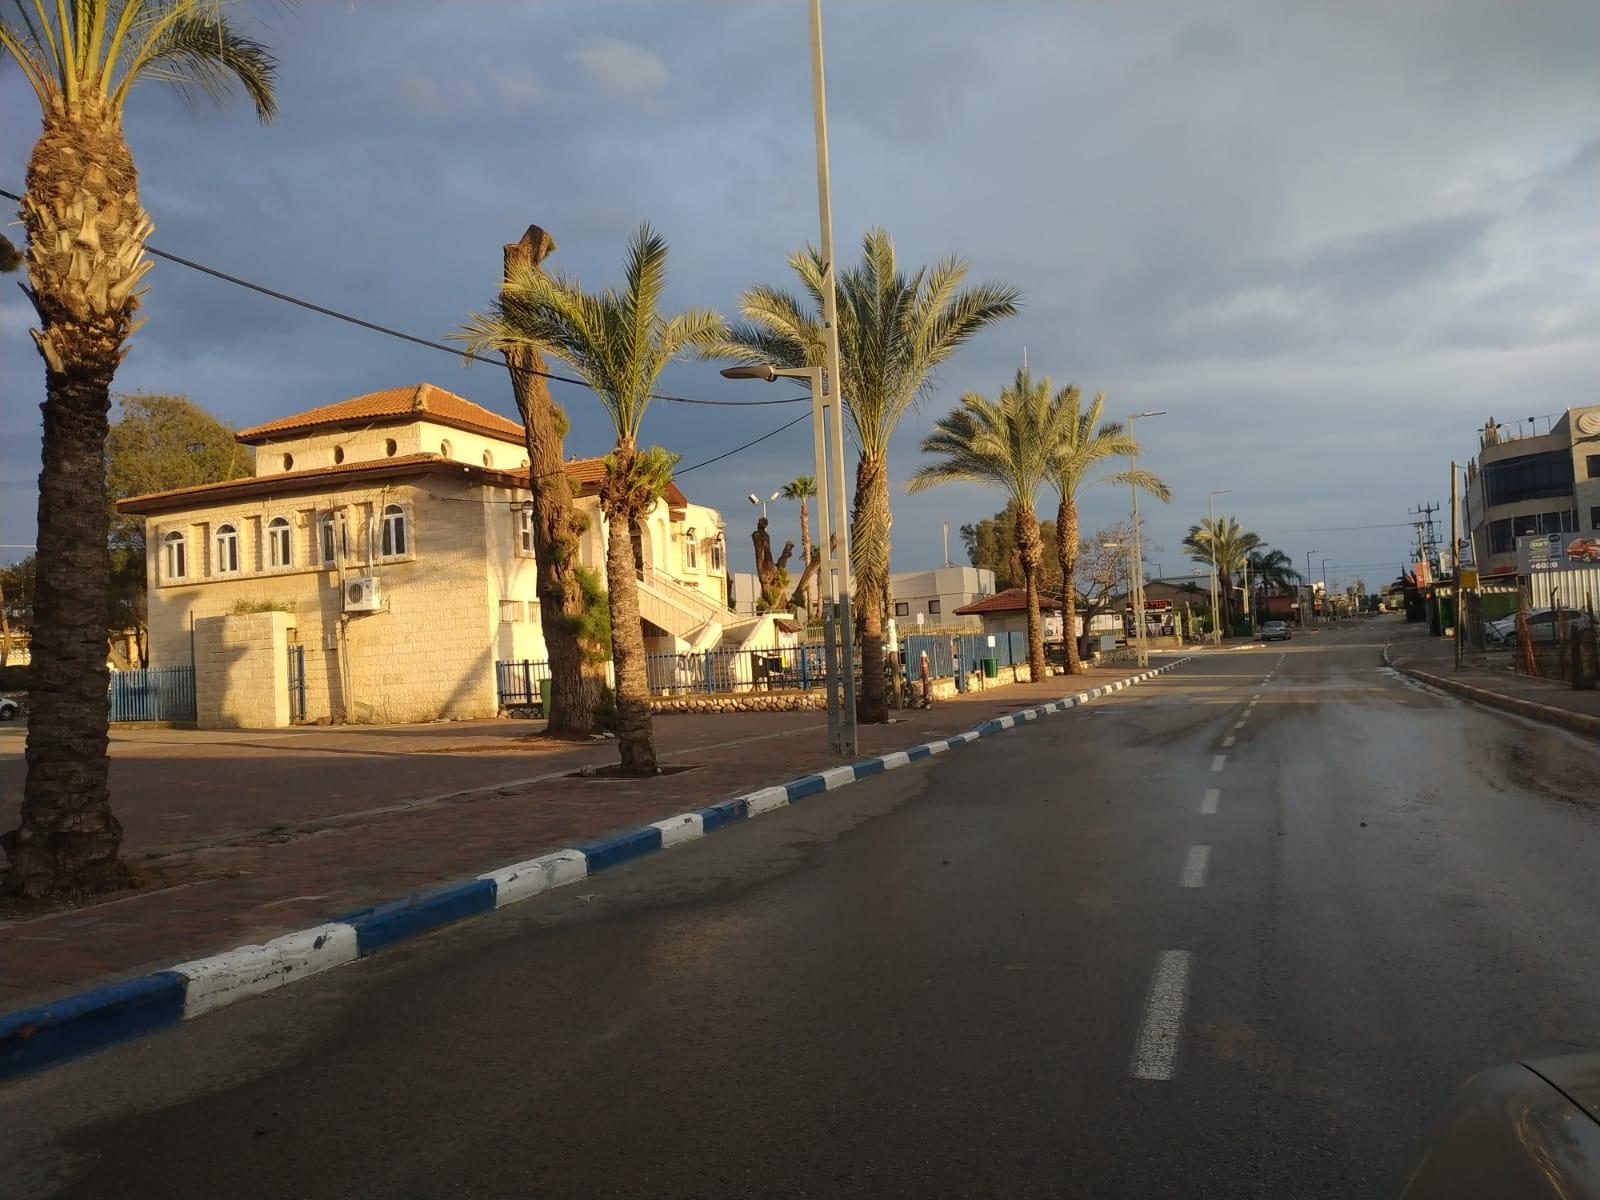 כביש שמוביל לרחוב סמילו | צילום: אביטל אורמן